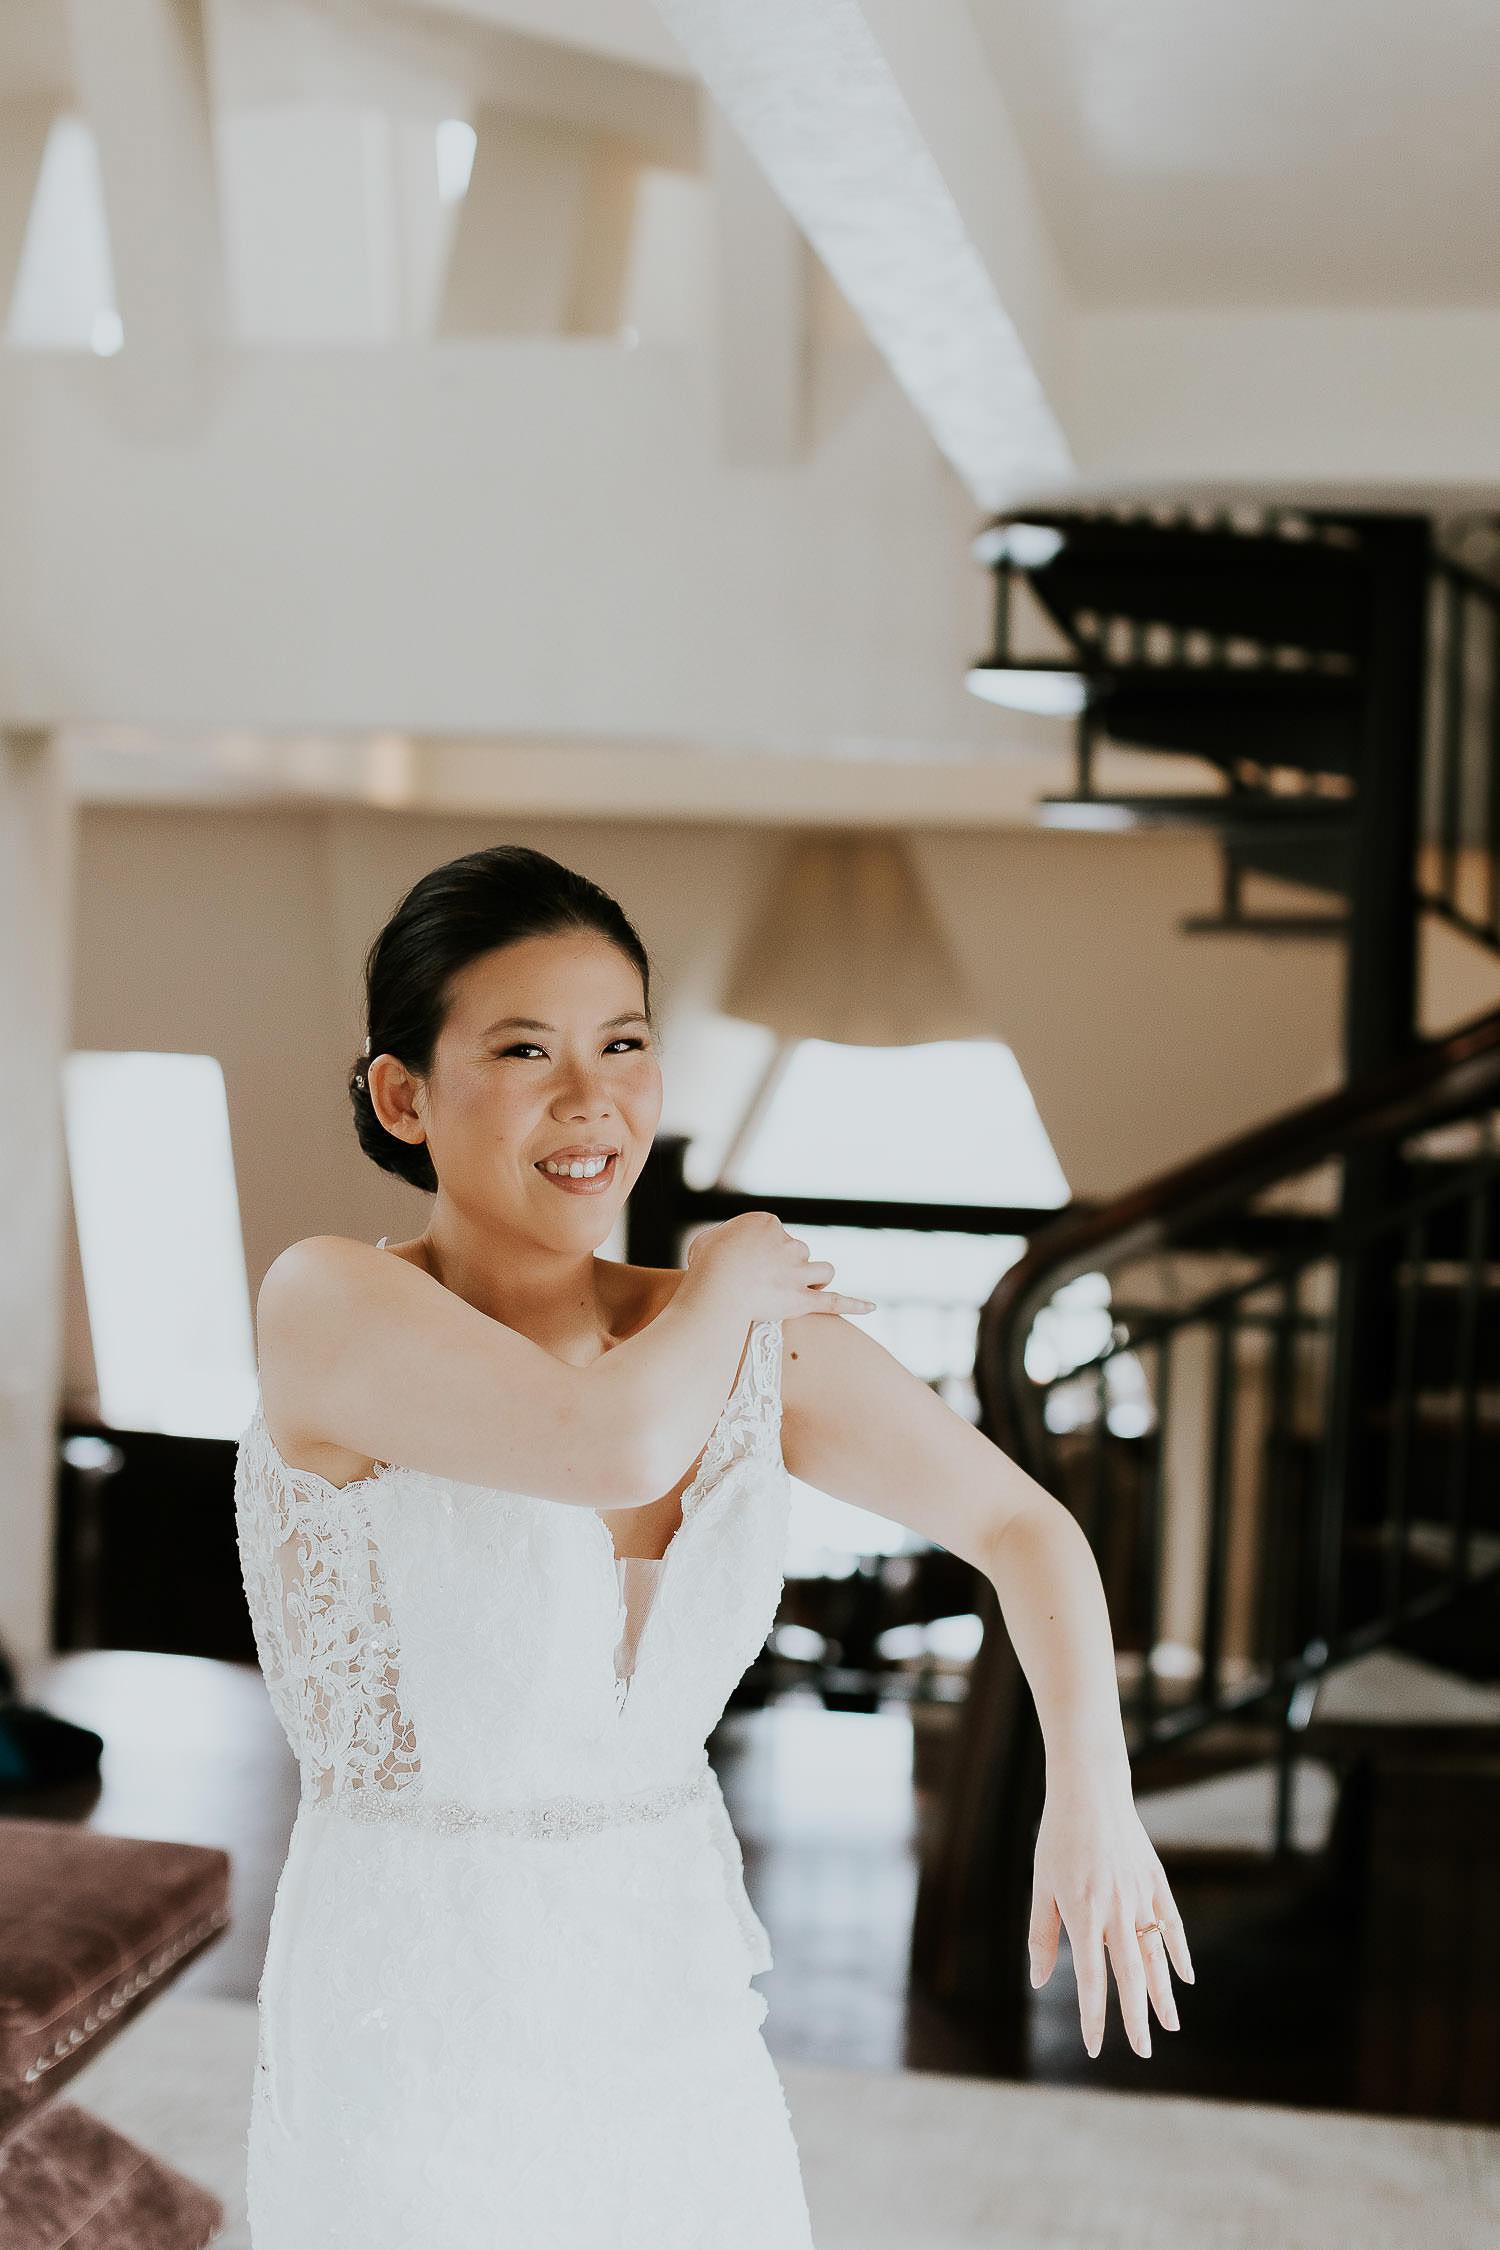 intimate-wedding-at-banff-springs-hotel-sarah-pukin-0028